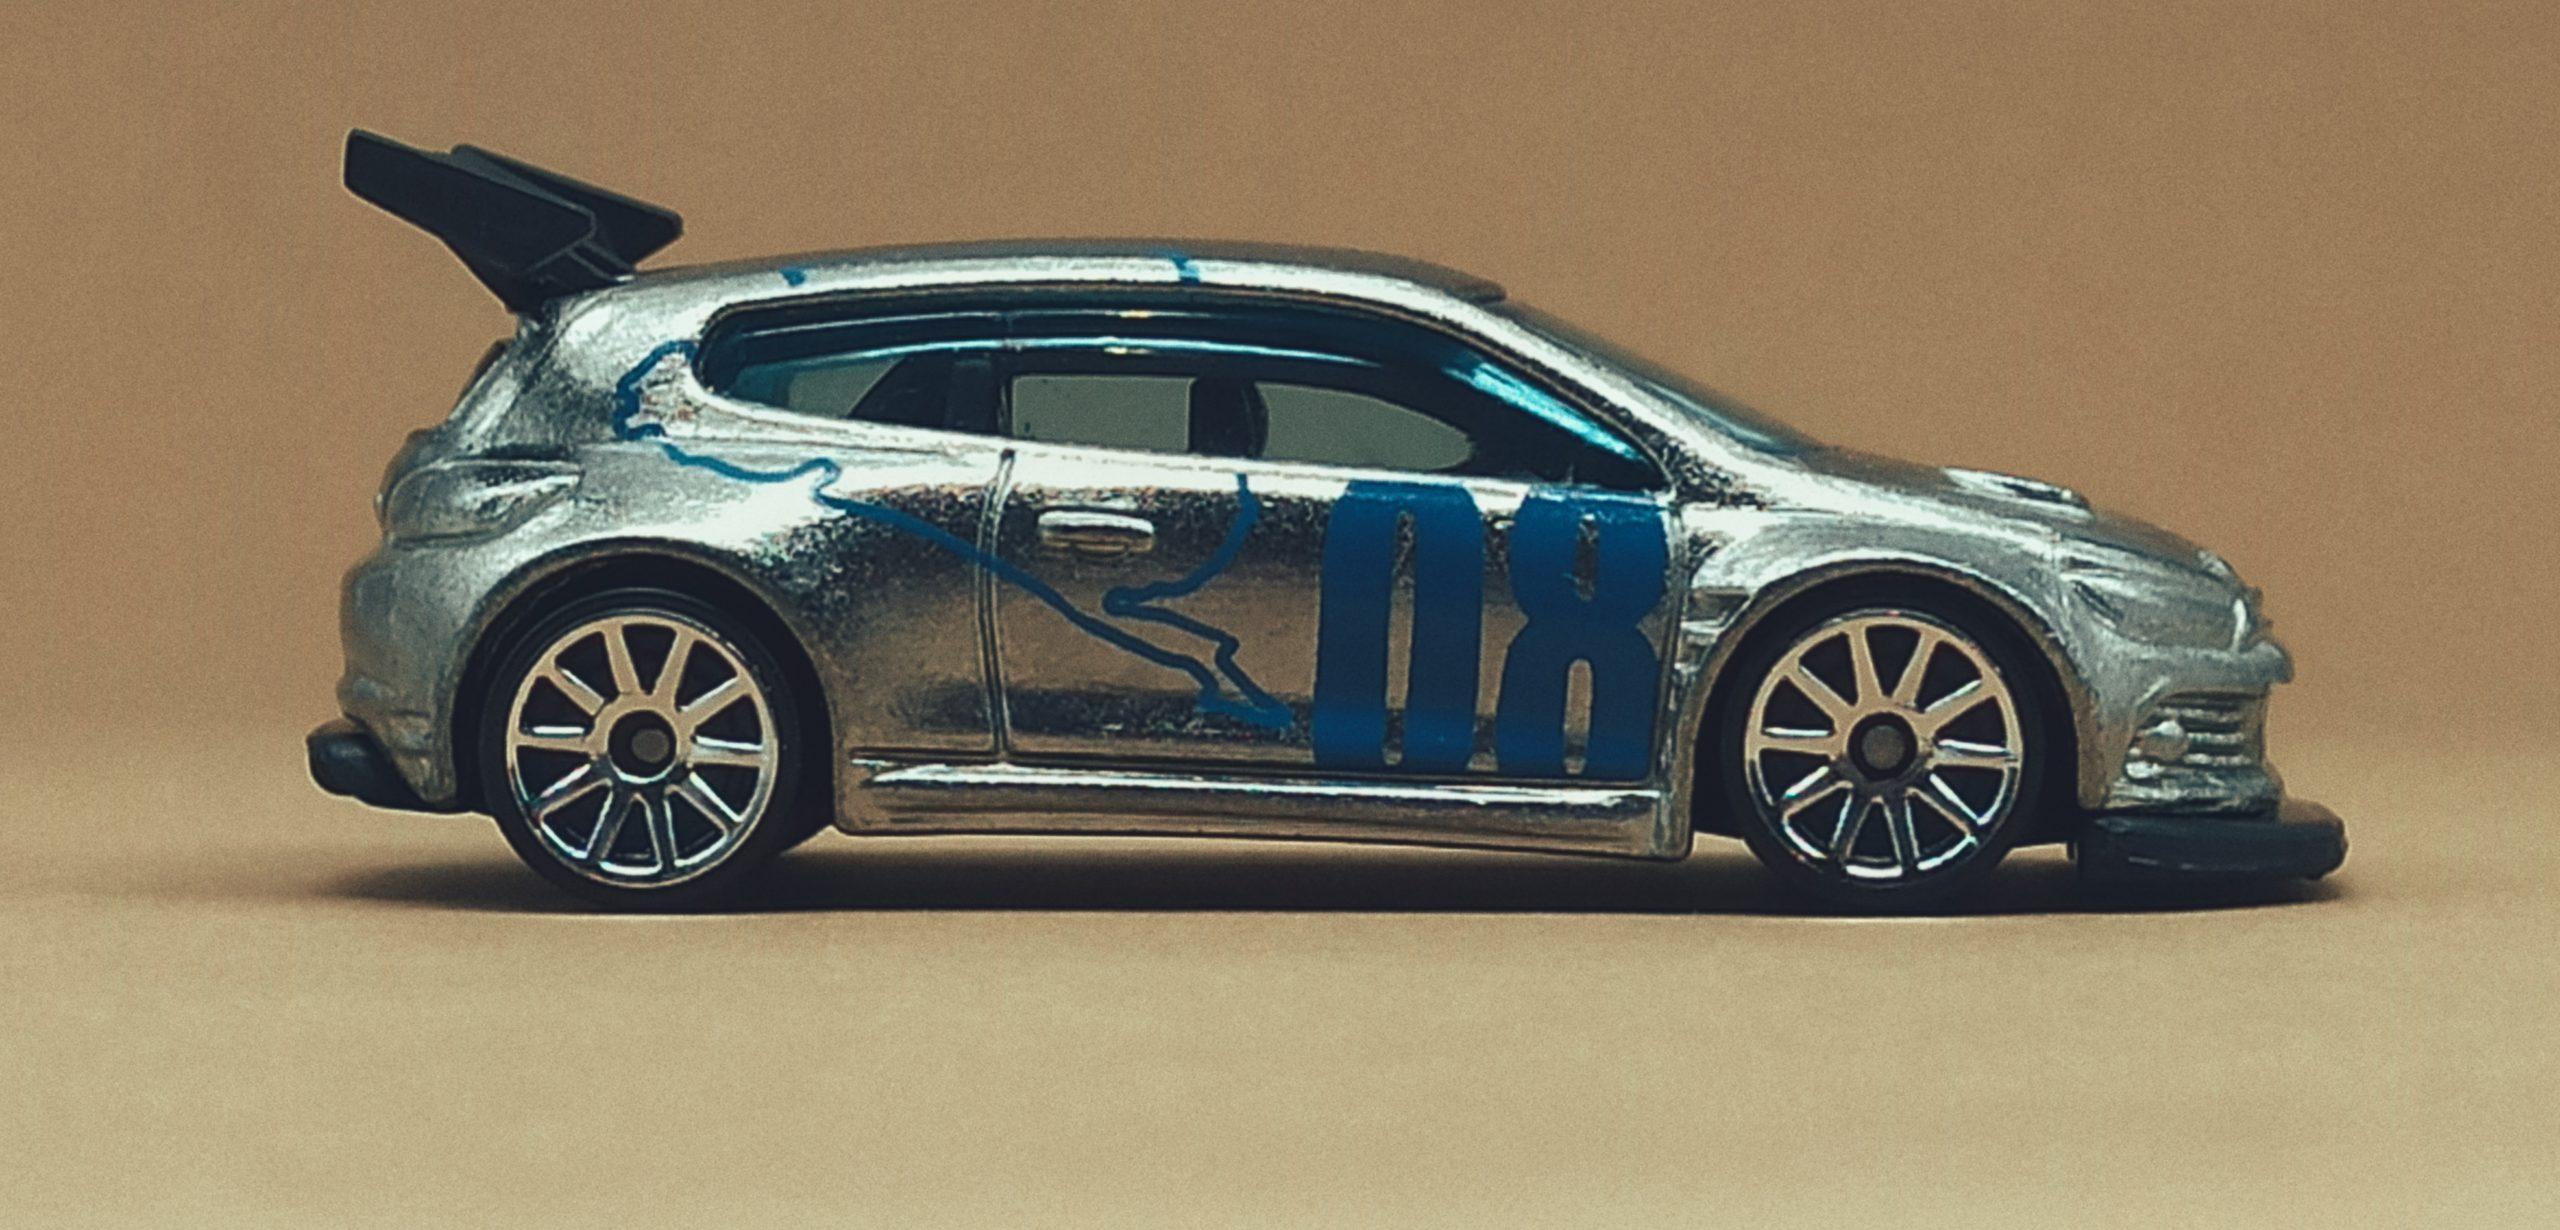 Hot Wheels Volkswagen Scirocco GT 24 (X2050) 2013 (160/250) HW Showroom: Asphalt Assault VW zamac side